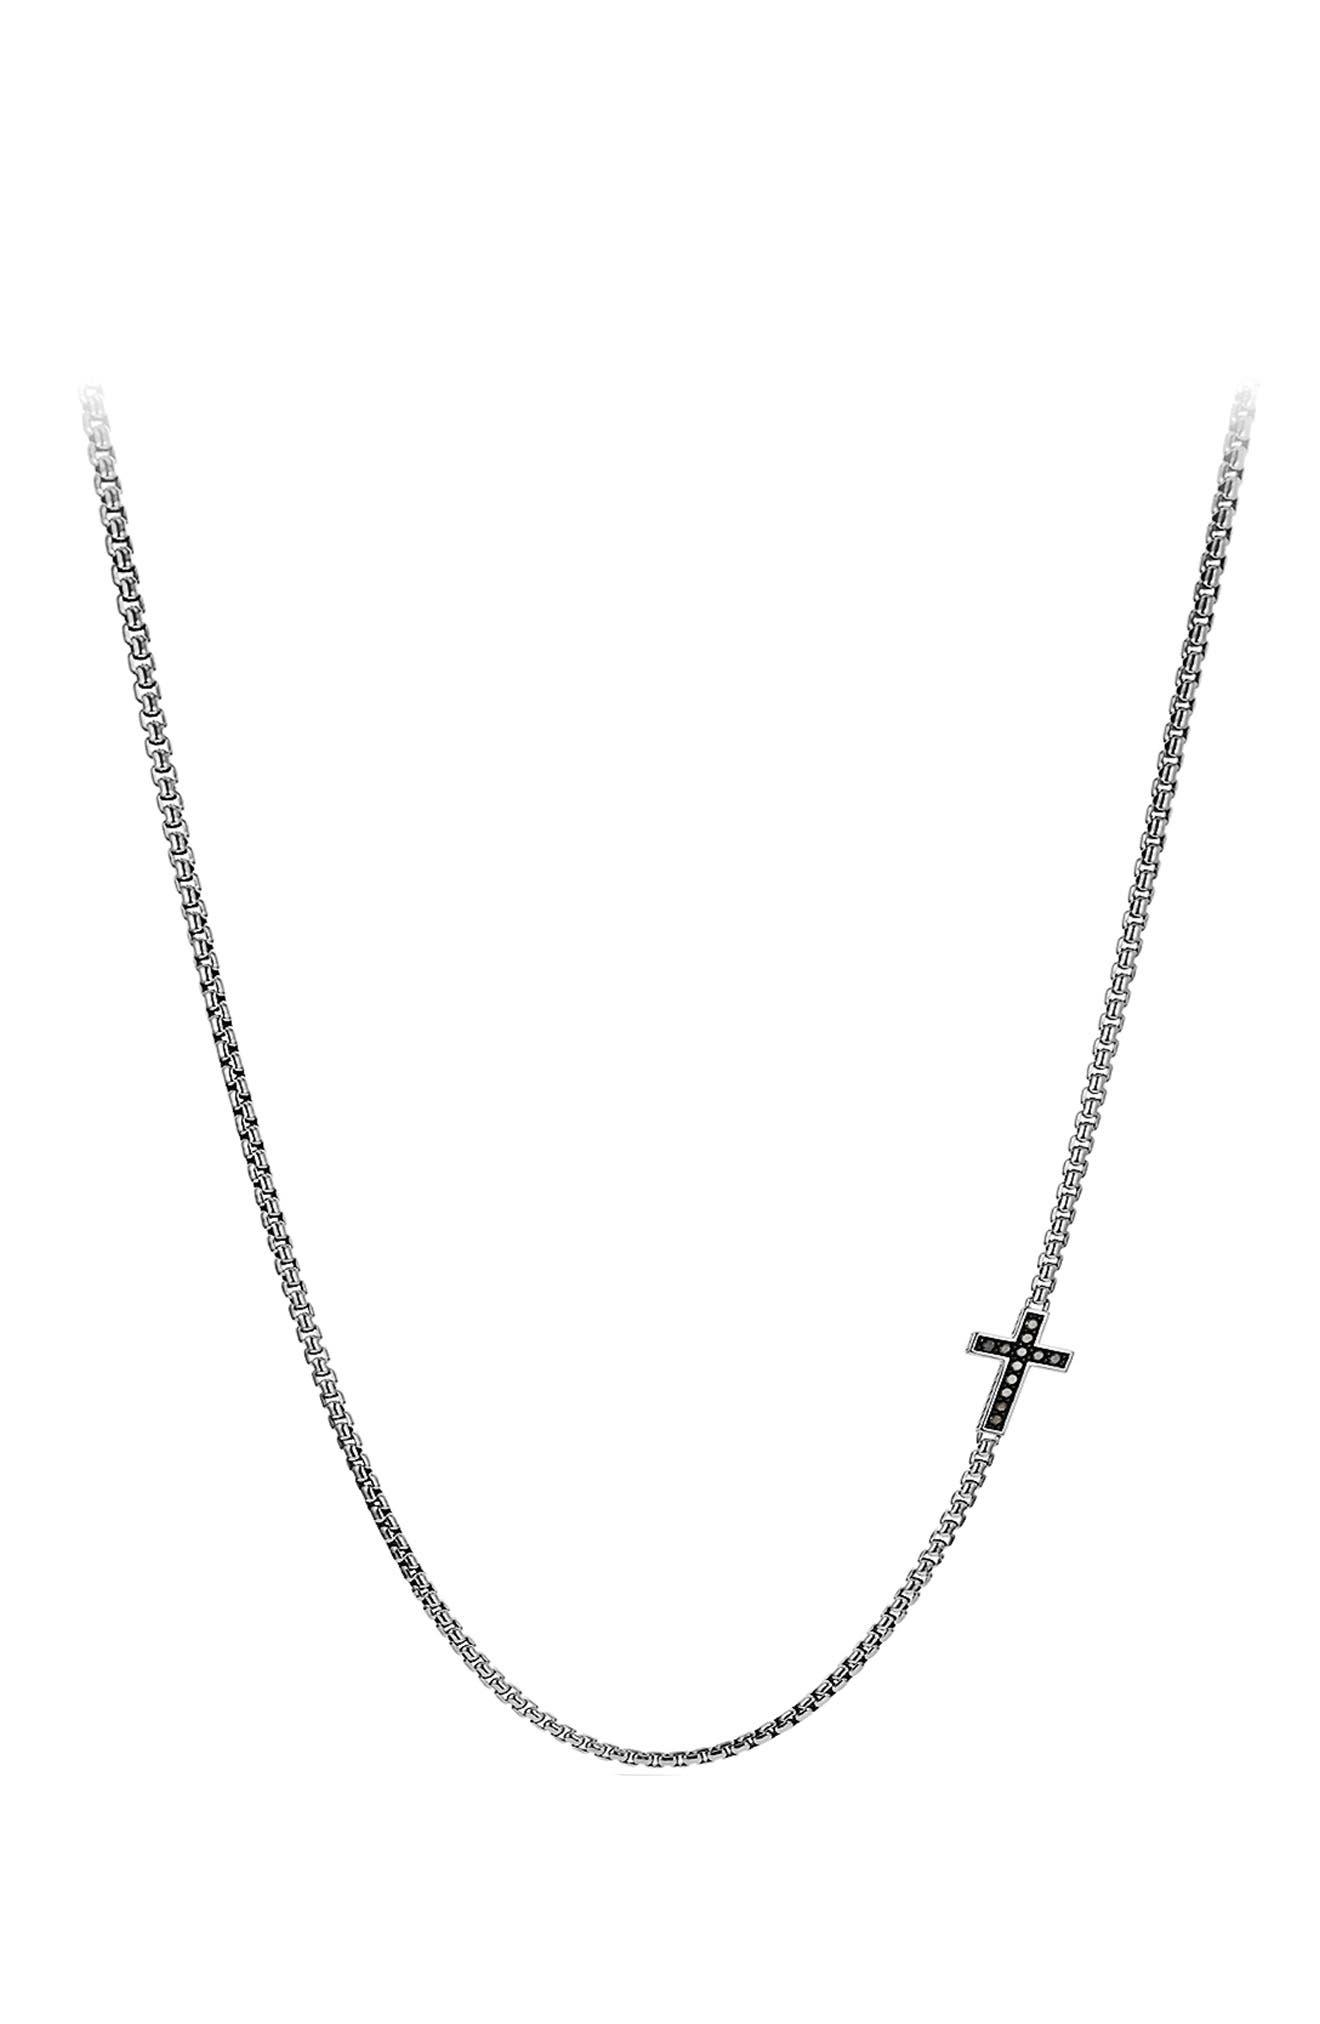 Pavé Cross Necklace with Diamonds,                         Main,                         color, BLACK DIAMOND